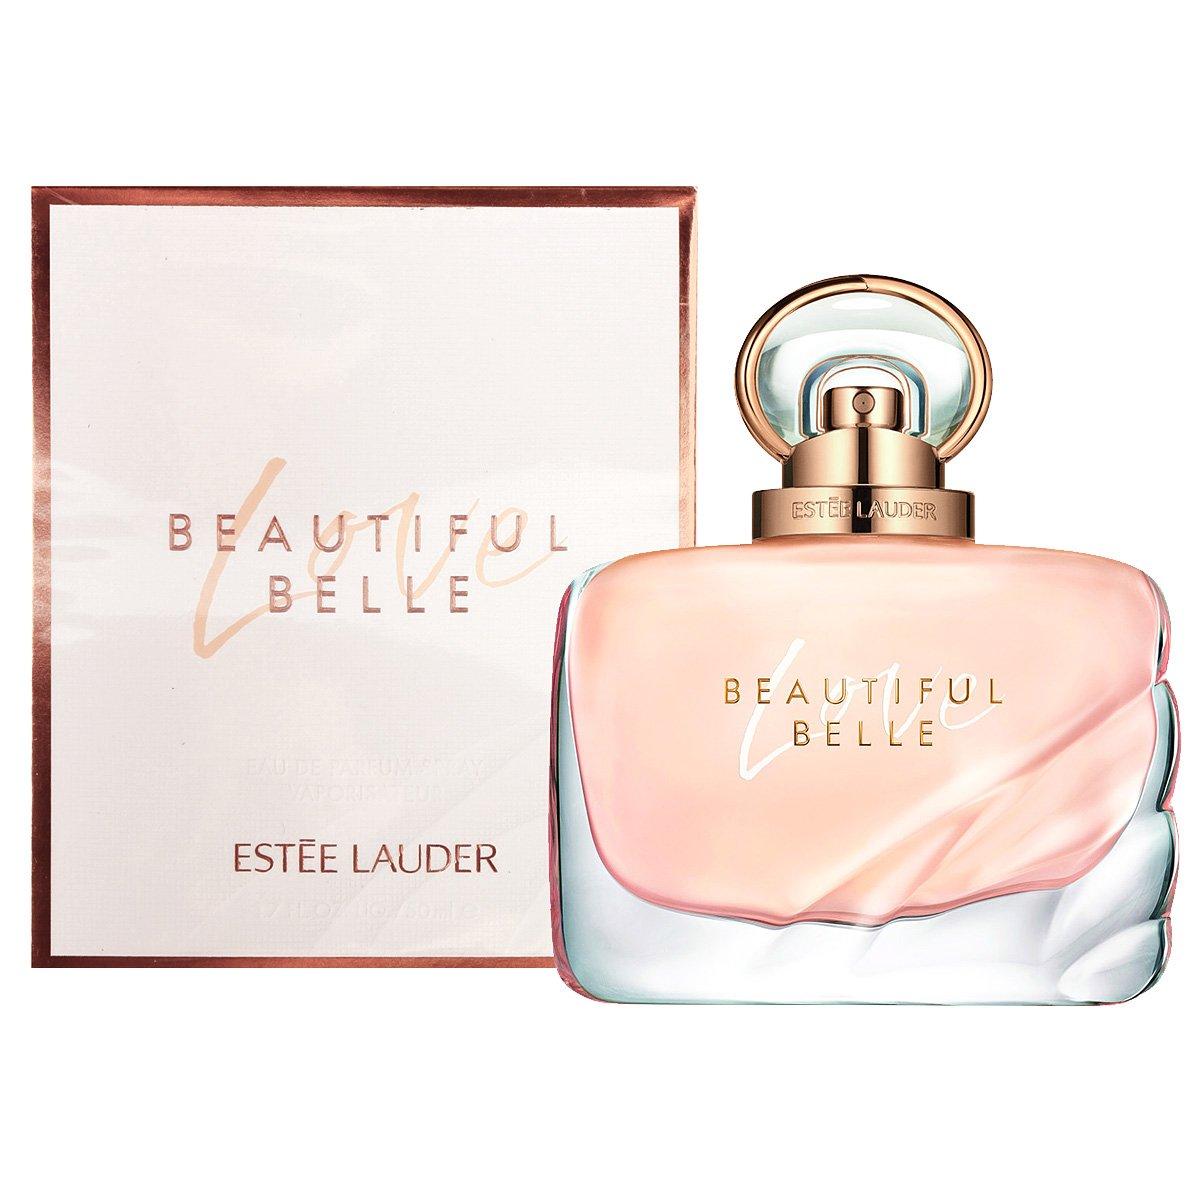 эсте лаудер парфюм белль бьютифул бель